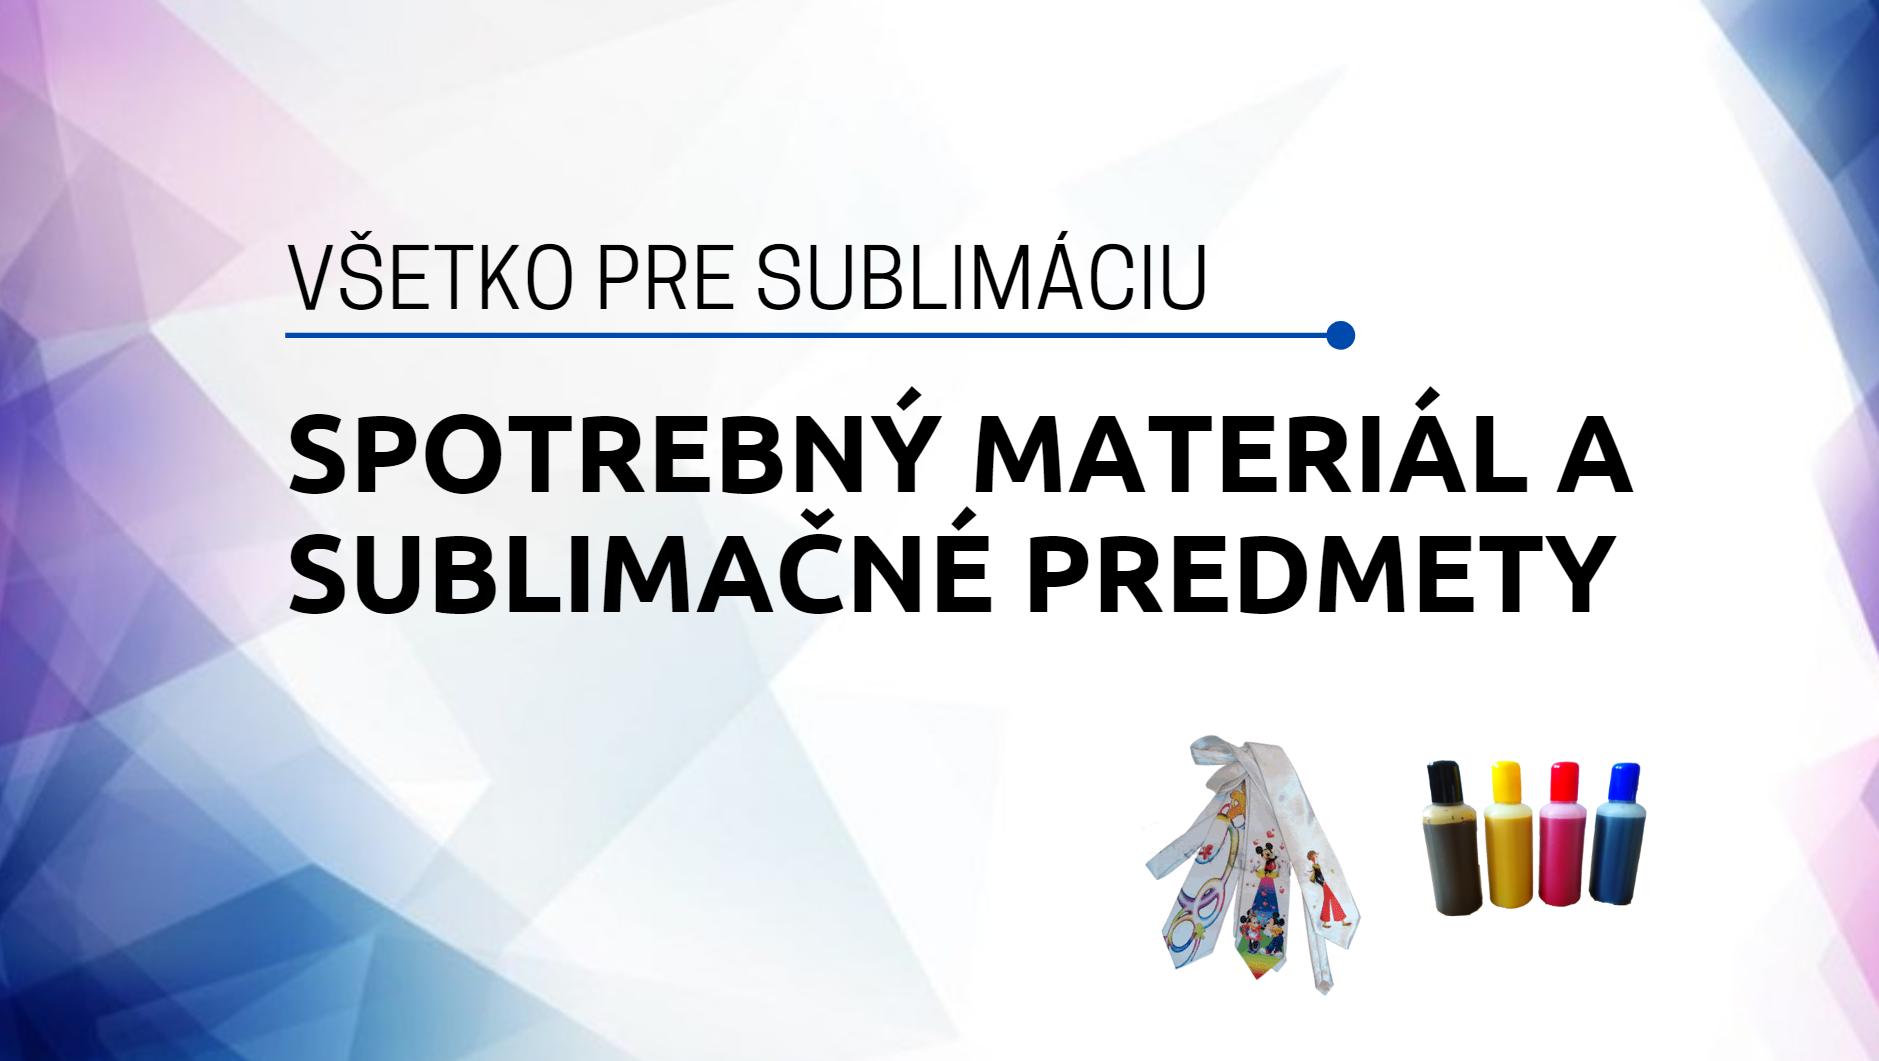 Sublimačné predmety a spotrebný materiál